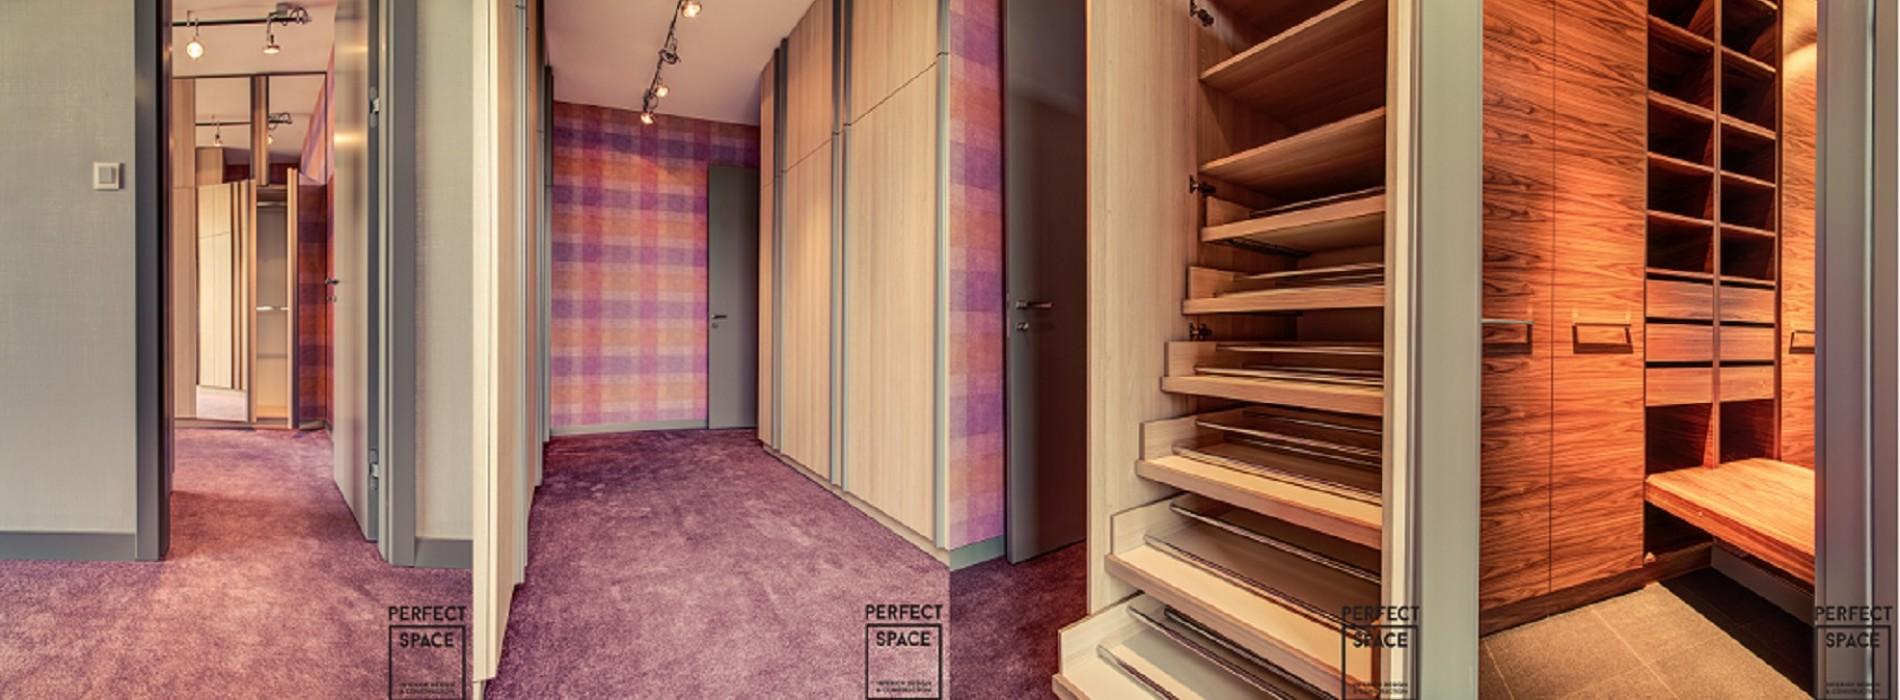 Drążki, półki i lustra. Jak właściwie zaprojektować garderobę?